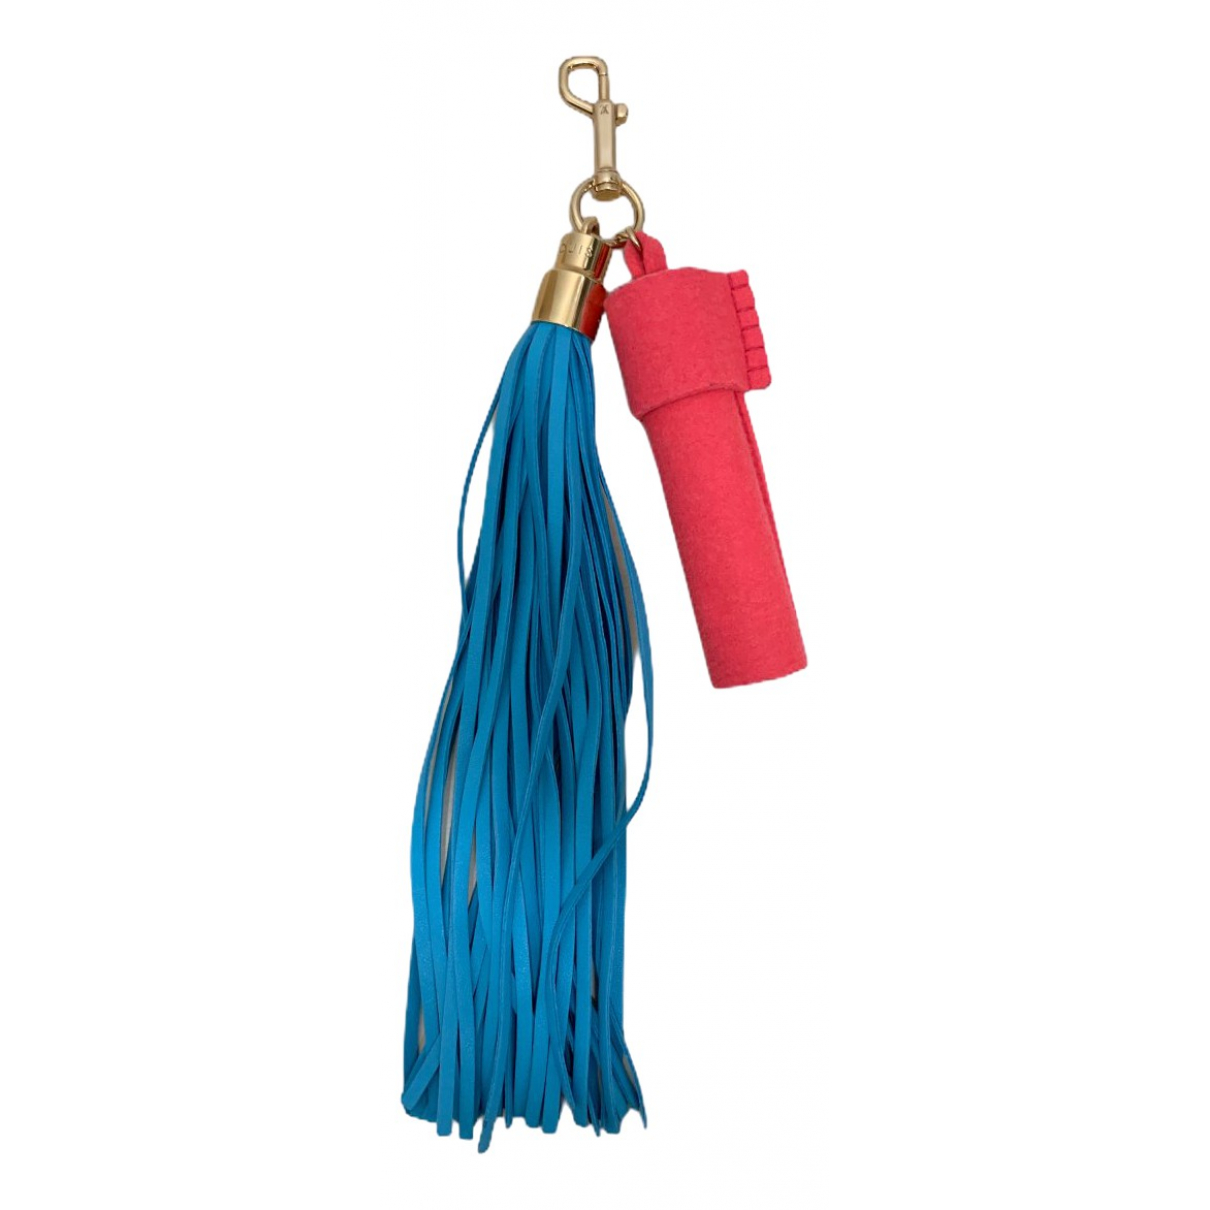 Louis Vuitton - Bijoux de sac Tassel pour femme en cuir - bleu